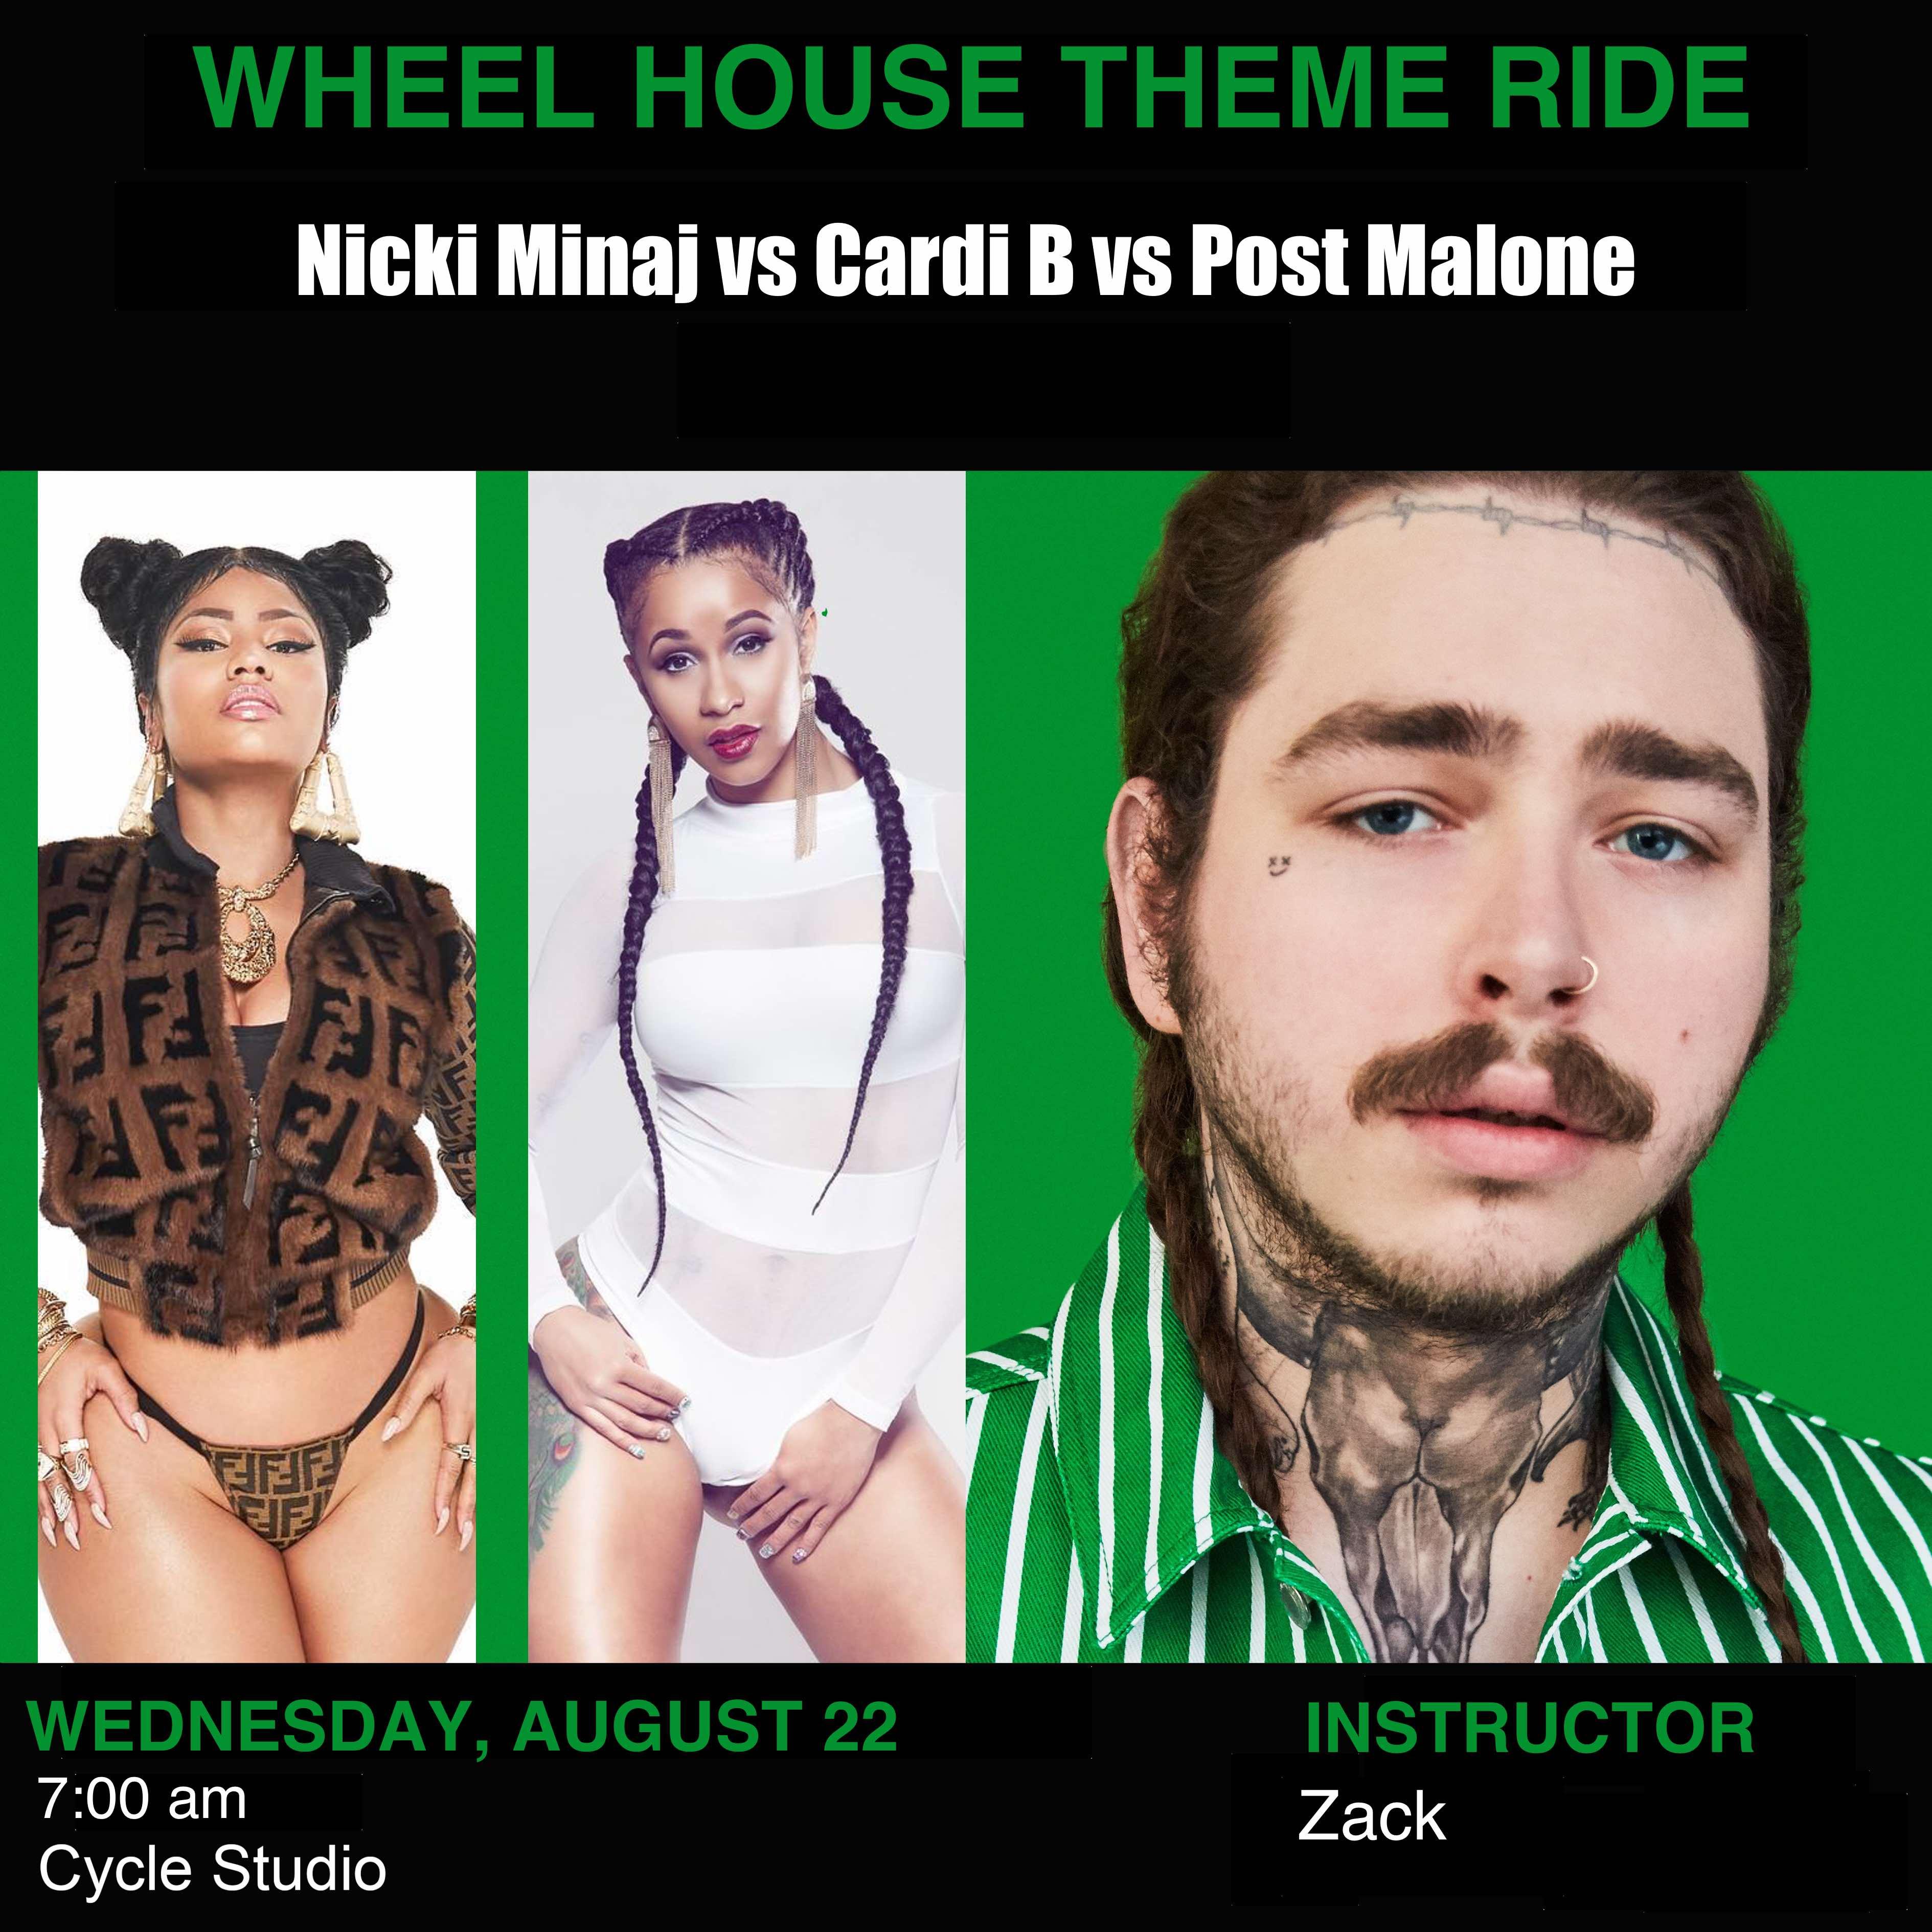 Nicki Minaj vs Cardi B vs Post Malone